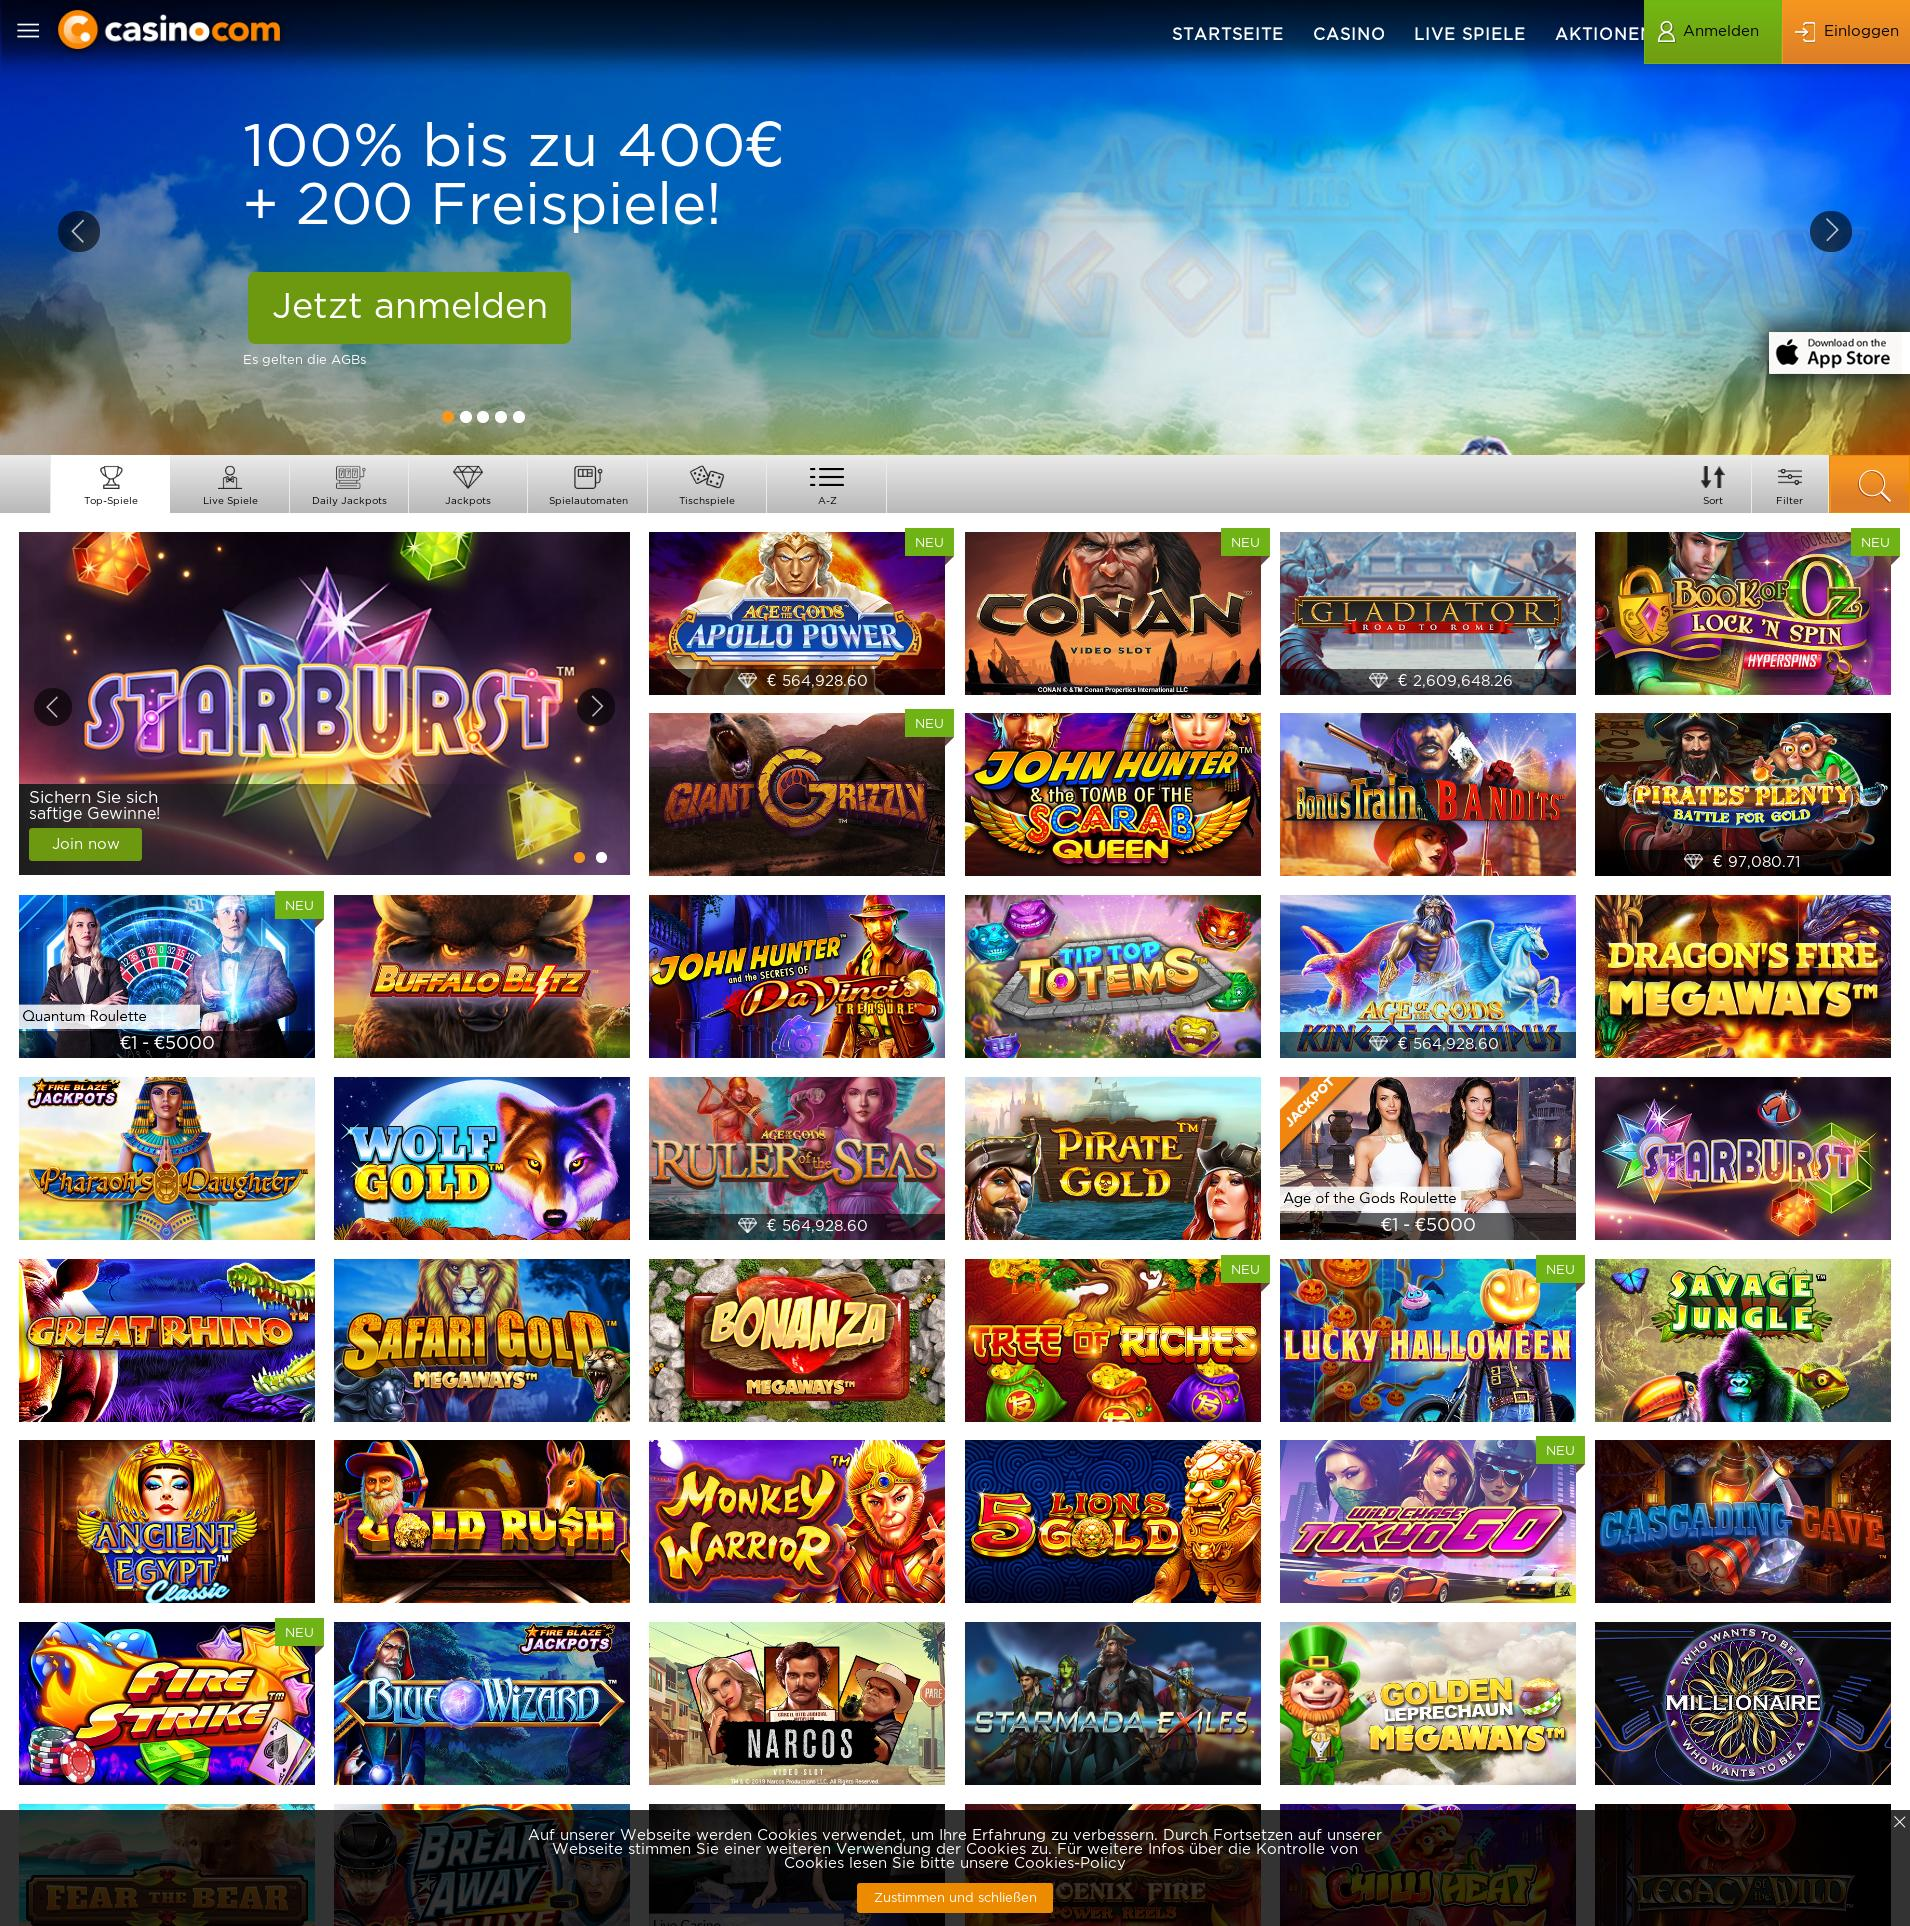 Casino Bildschirm Lobby 2019-10-16 zum Deutschland